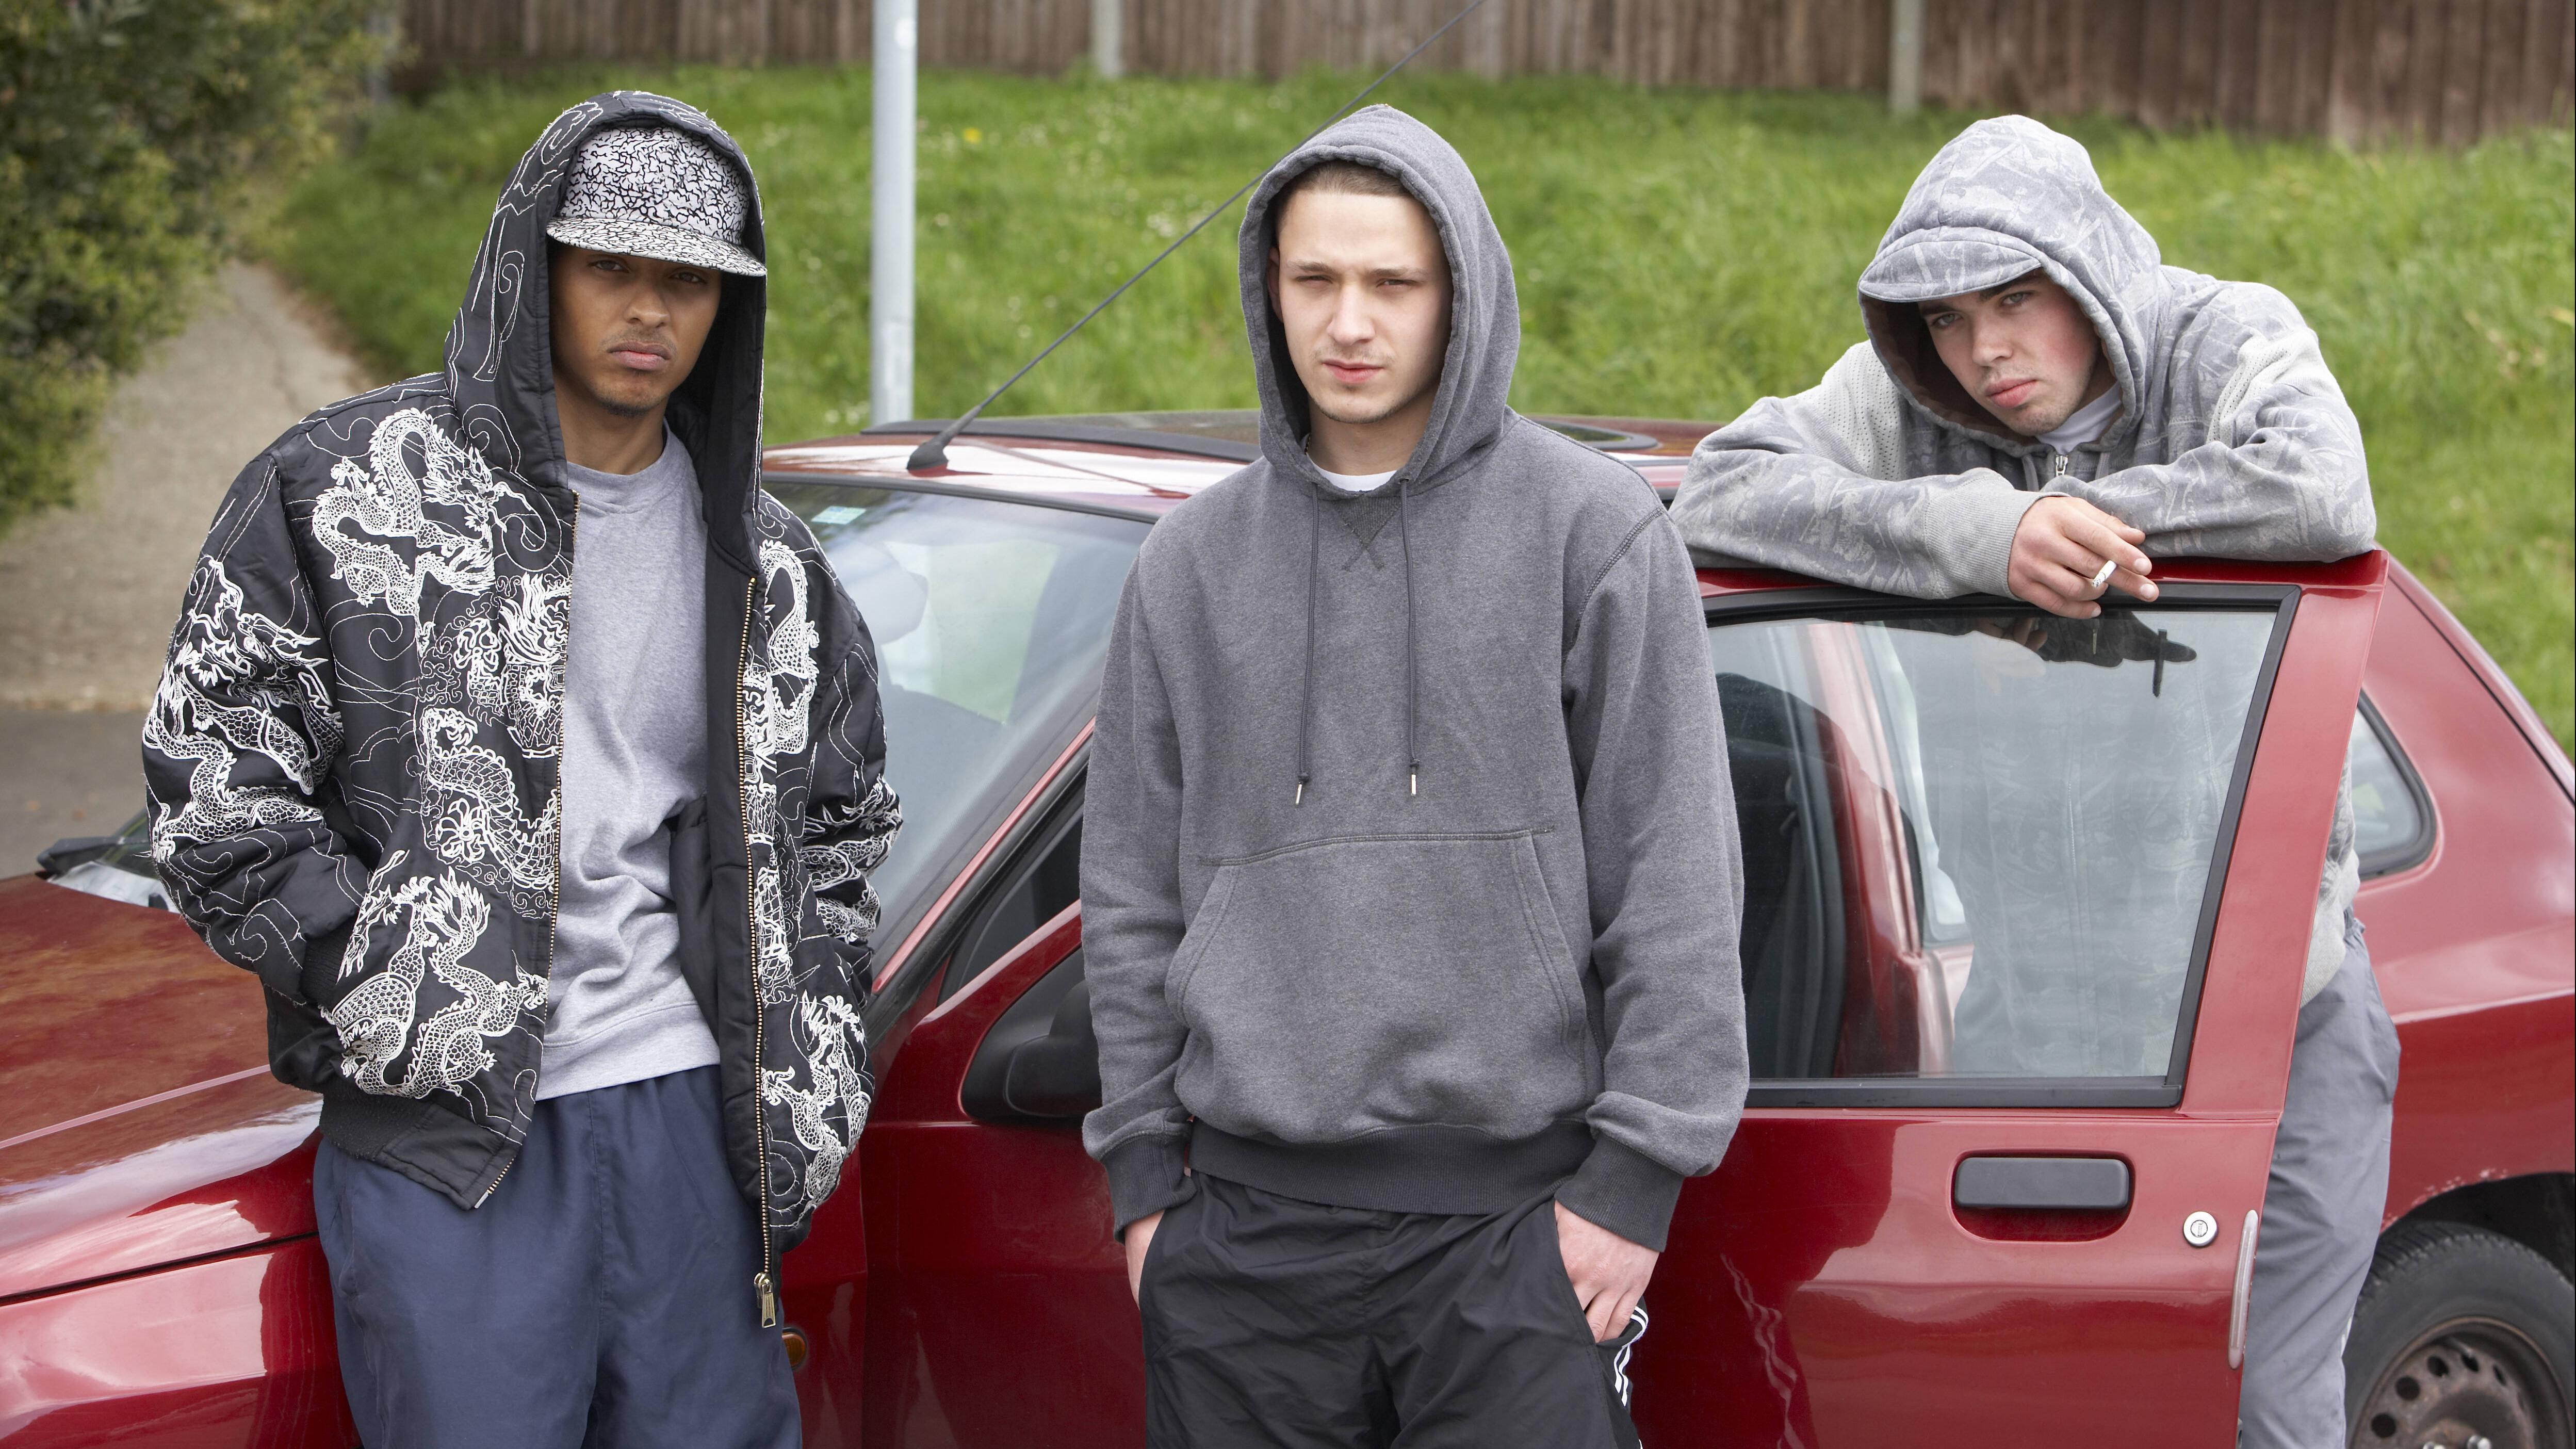 jugendliche,jugendgang,clique *** teenager,youth gang,clique l62-5ev,model released, Symbolfoto